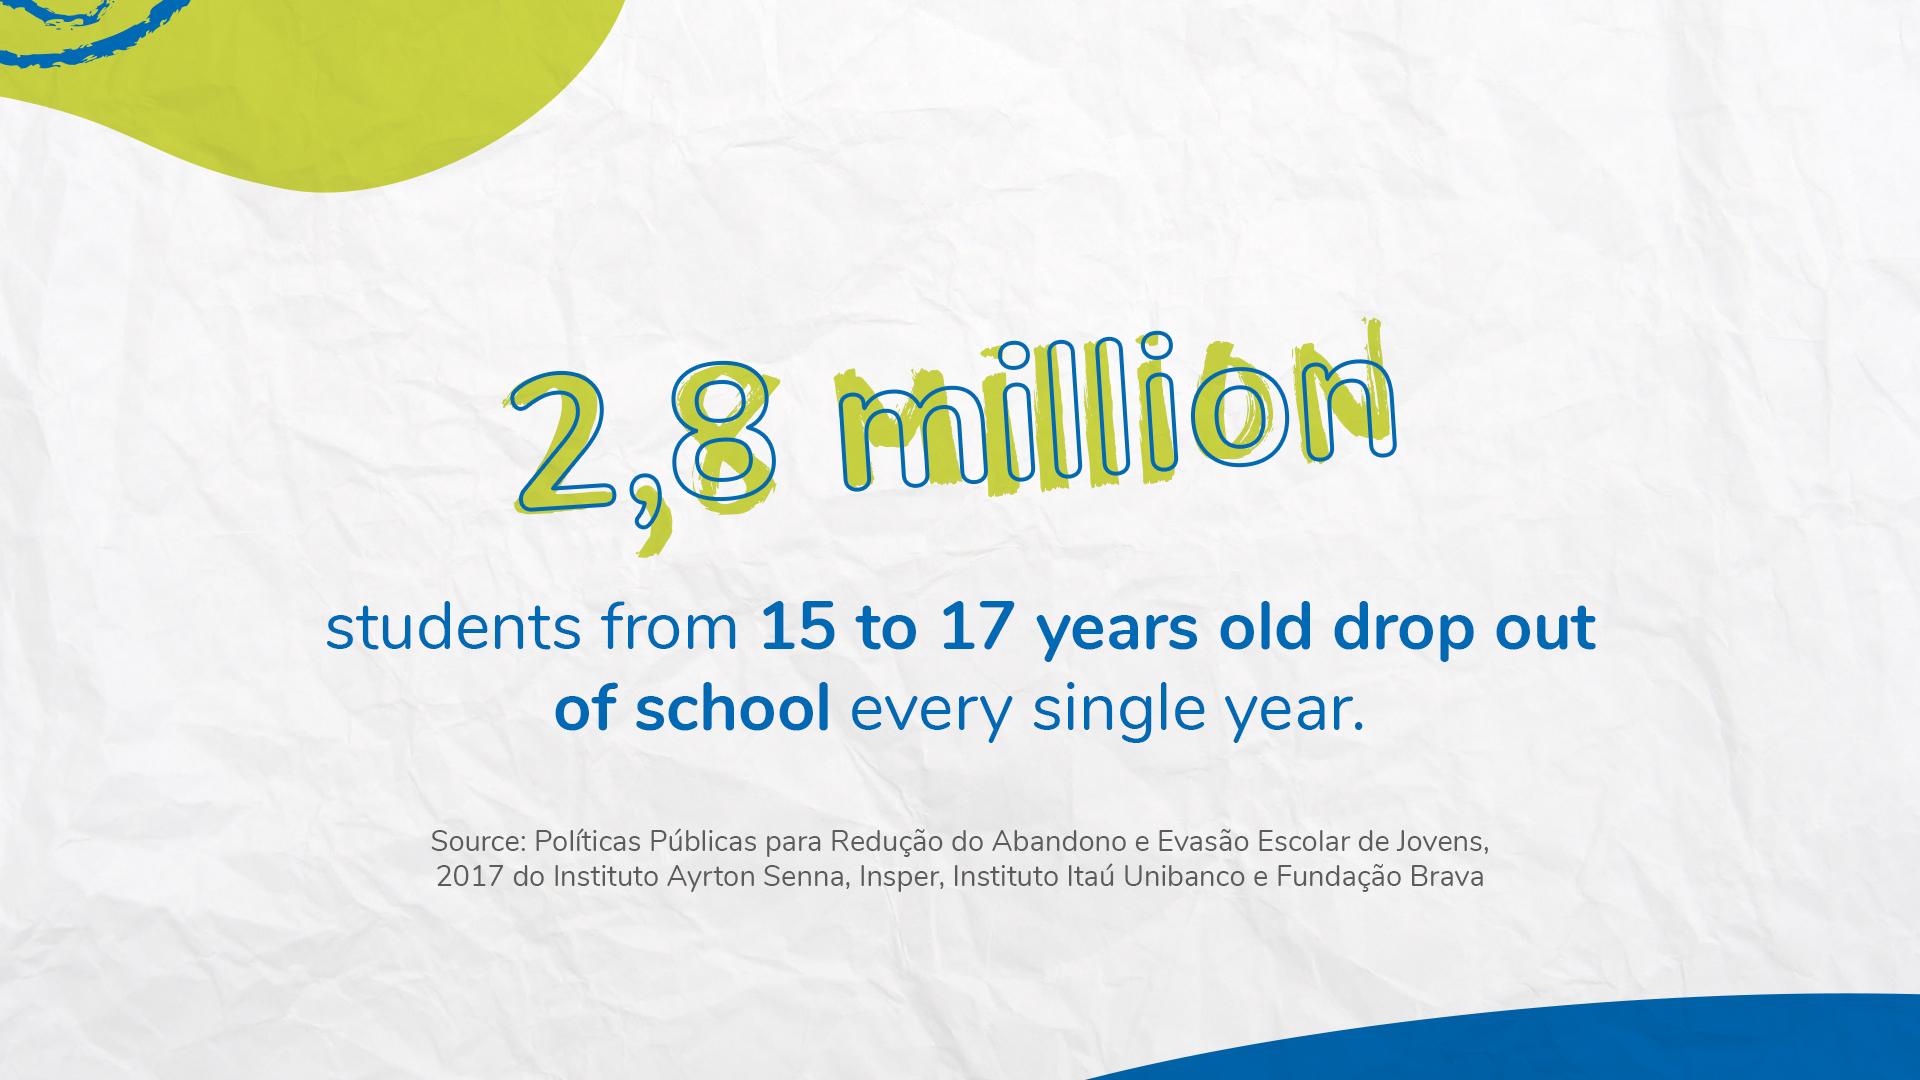 Dados-sobre-a-Educação-3_en